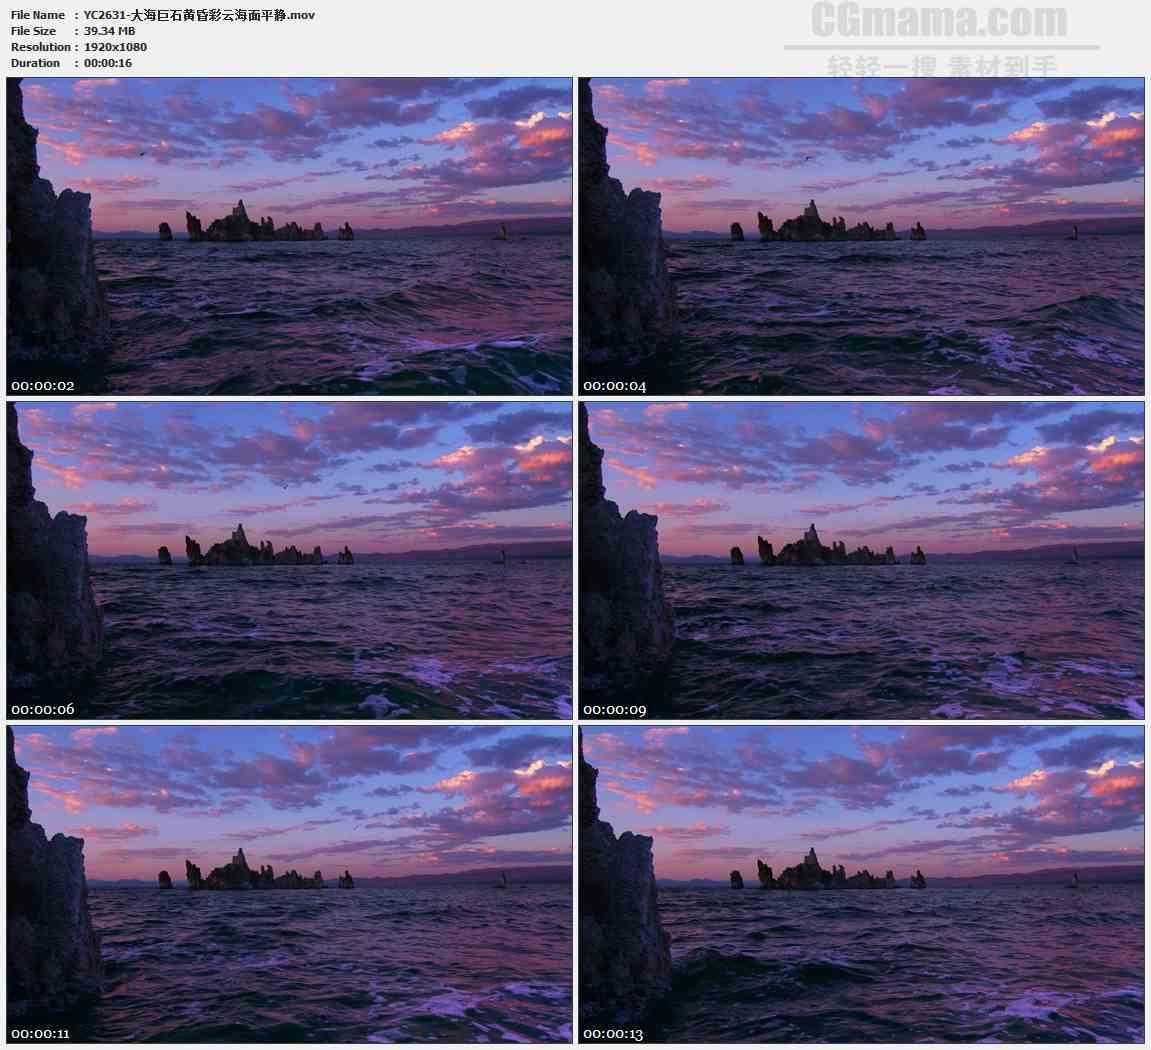 YC2631-大海巨石黄昏彩云海面平静高清实拍视频素材